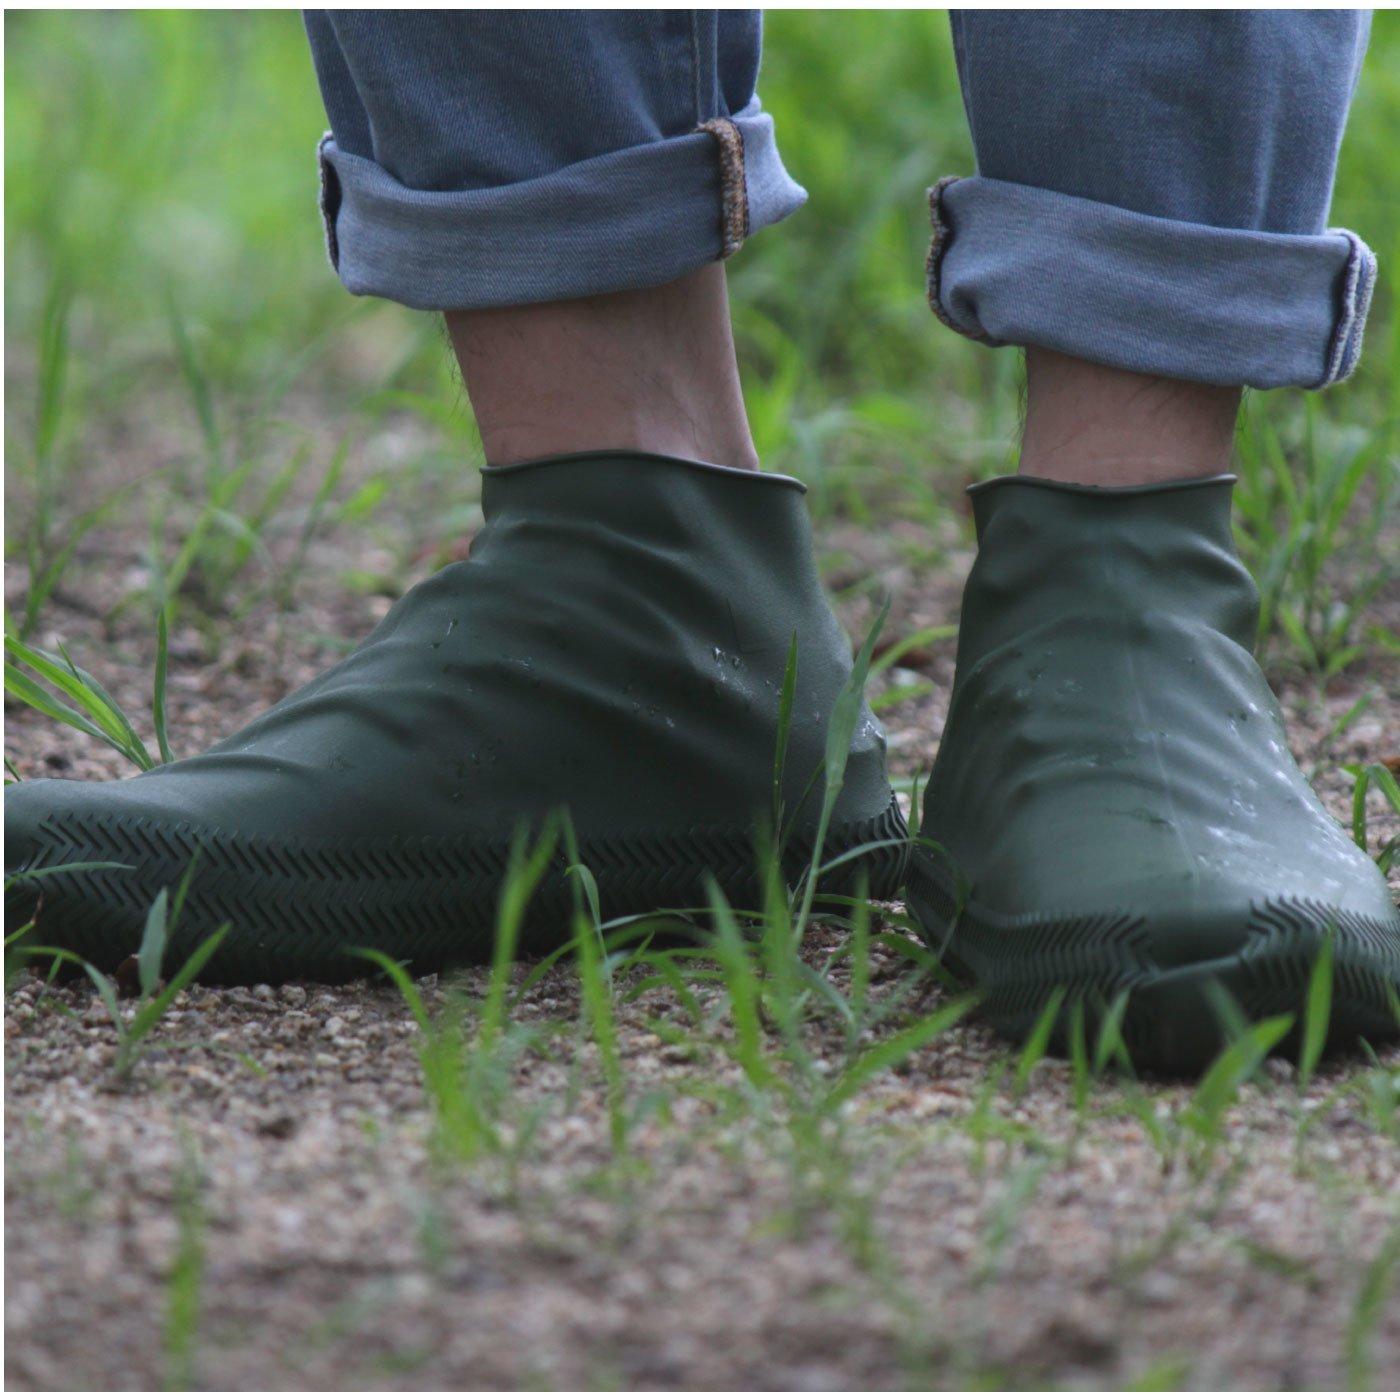 KATEVA+(カテバプラス) 履いている靴にかぶせるだけ! 雨の日シリコーンシューズカバー Mサイズ